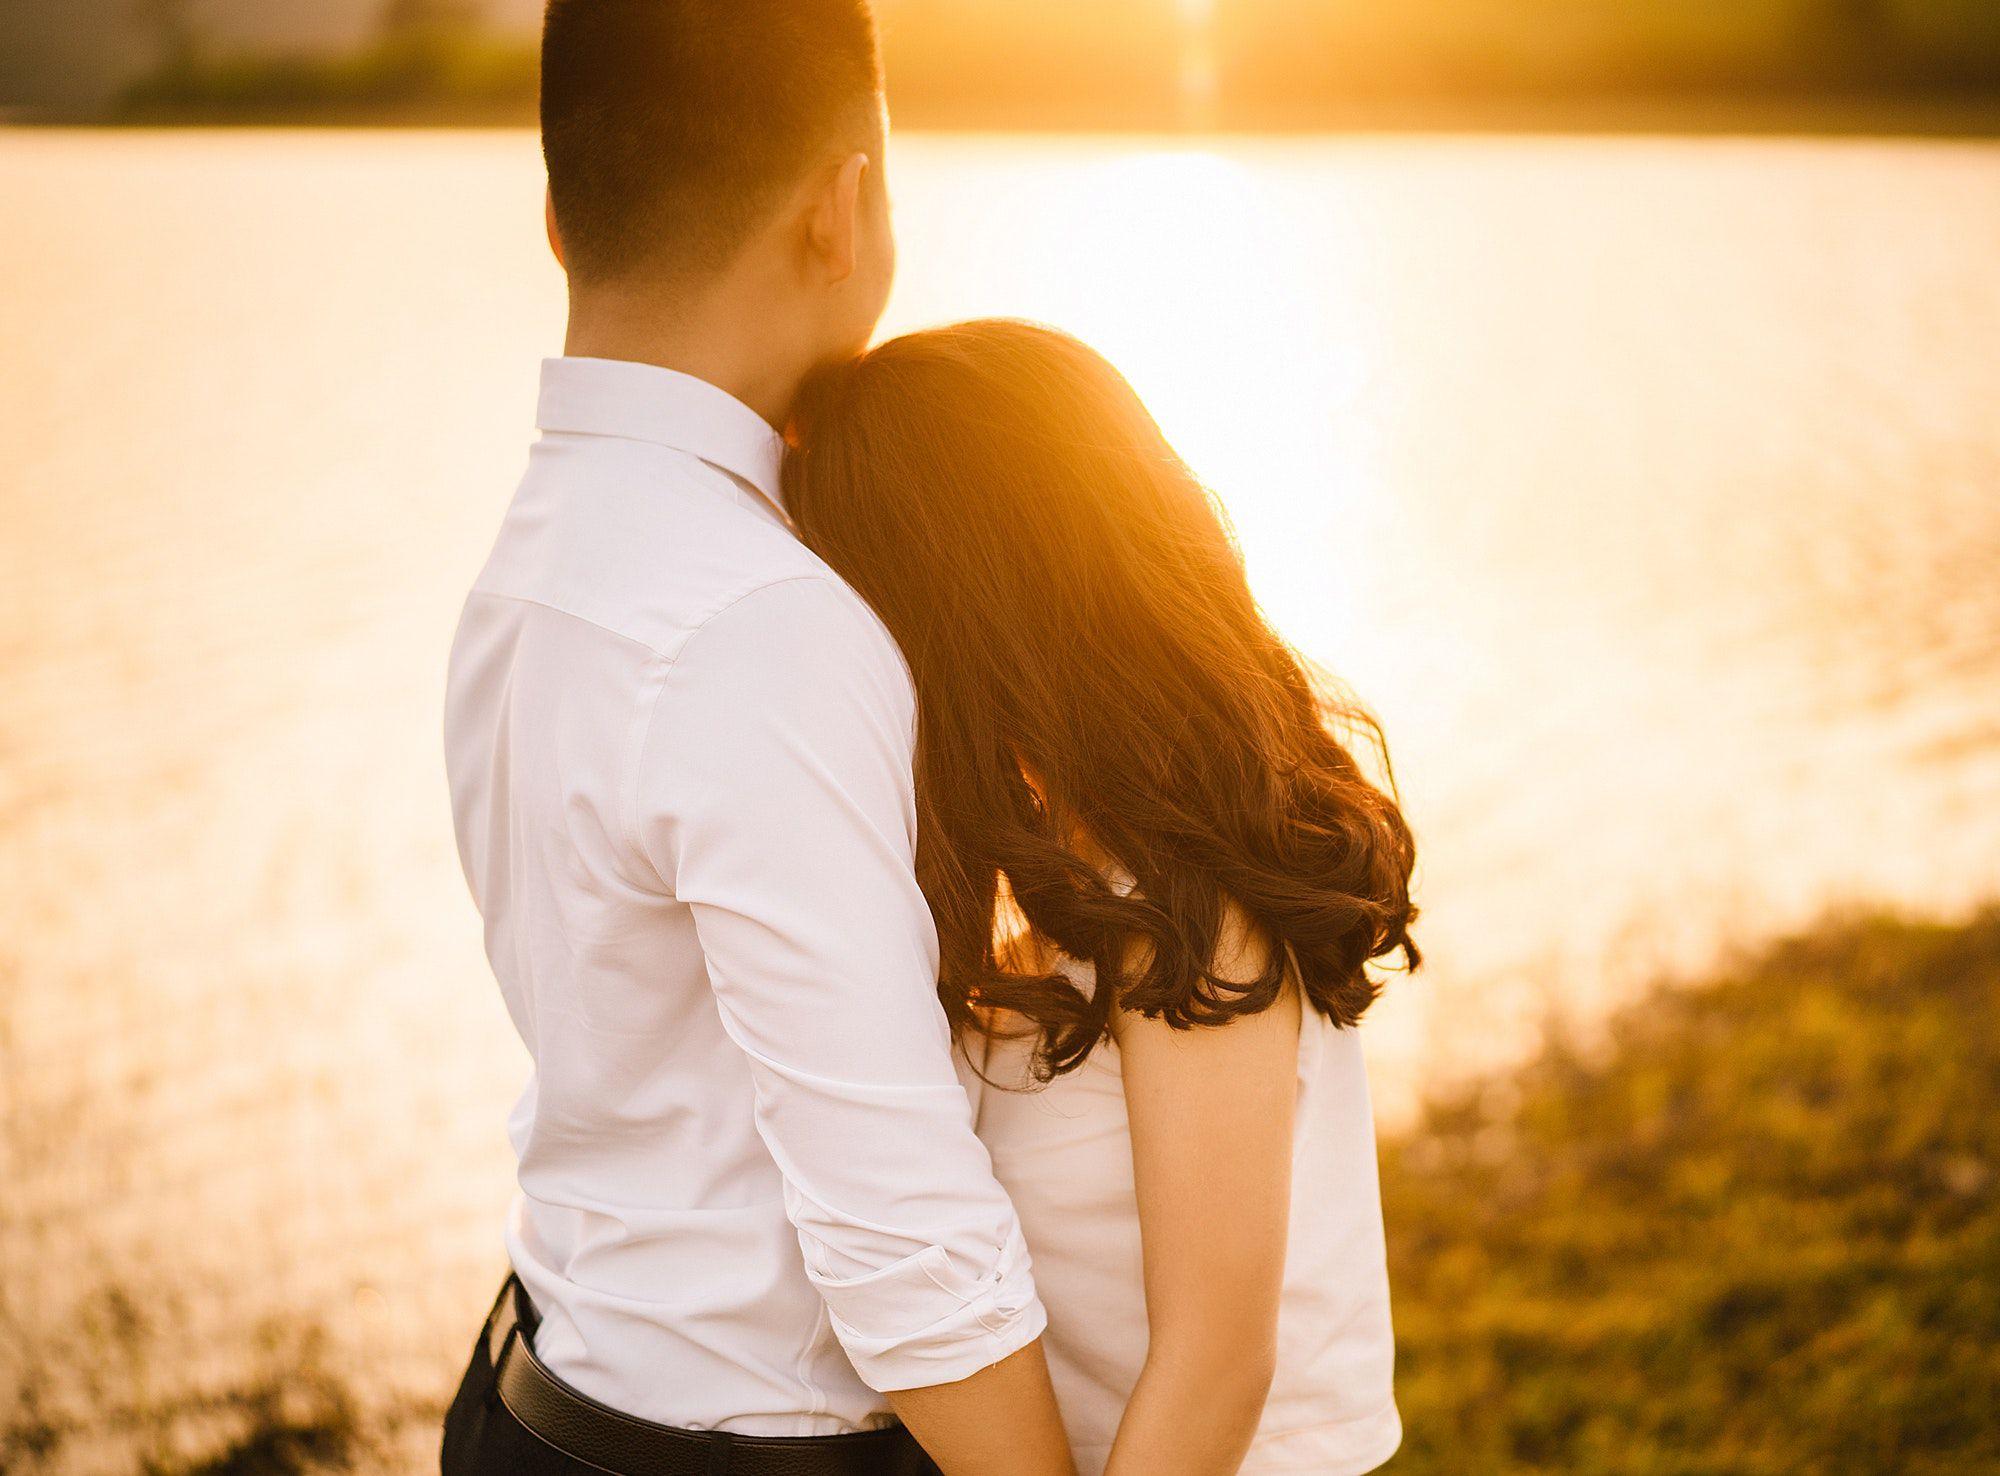 بالصور صورعن الحب , اروع صور عن الحب 2019 3252 2